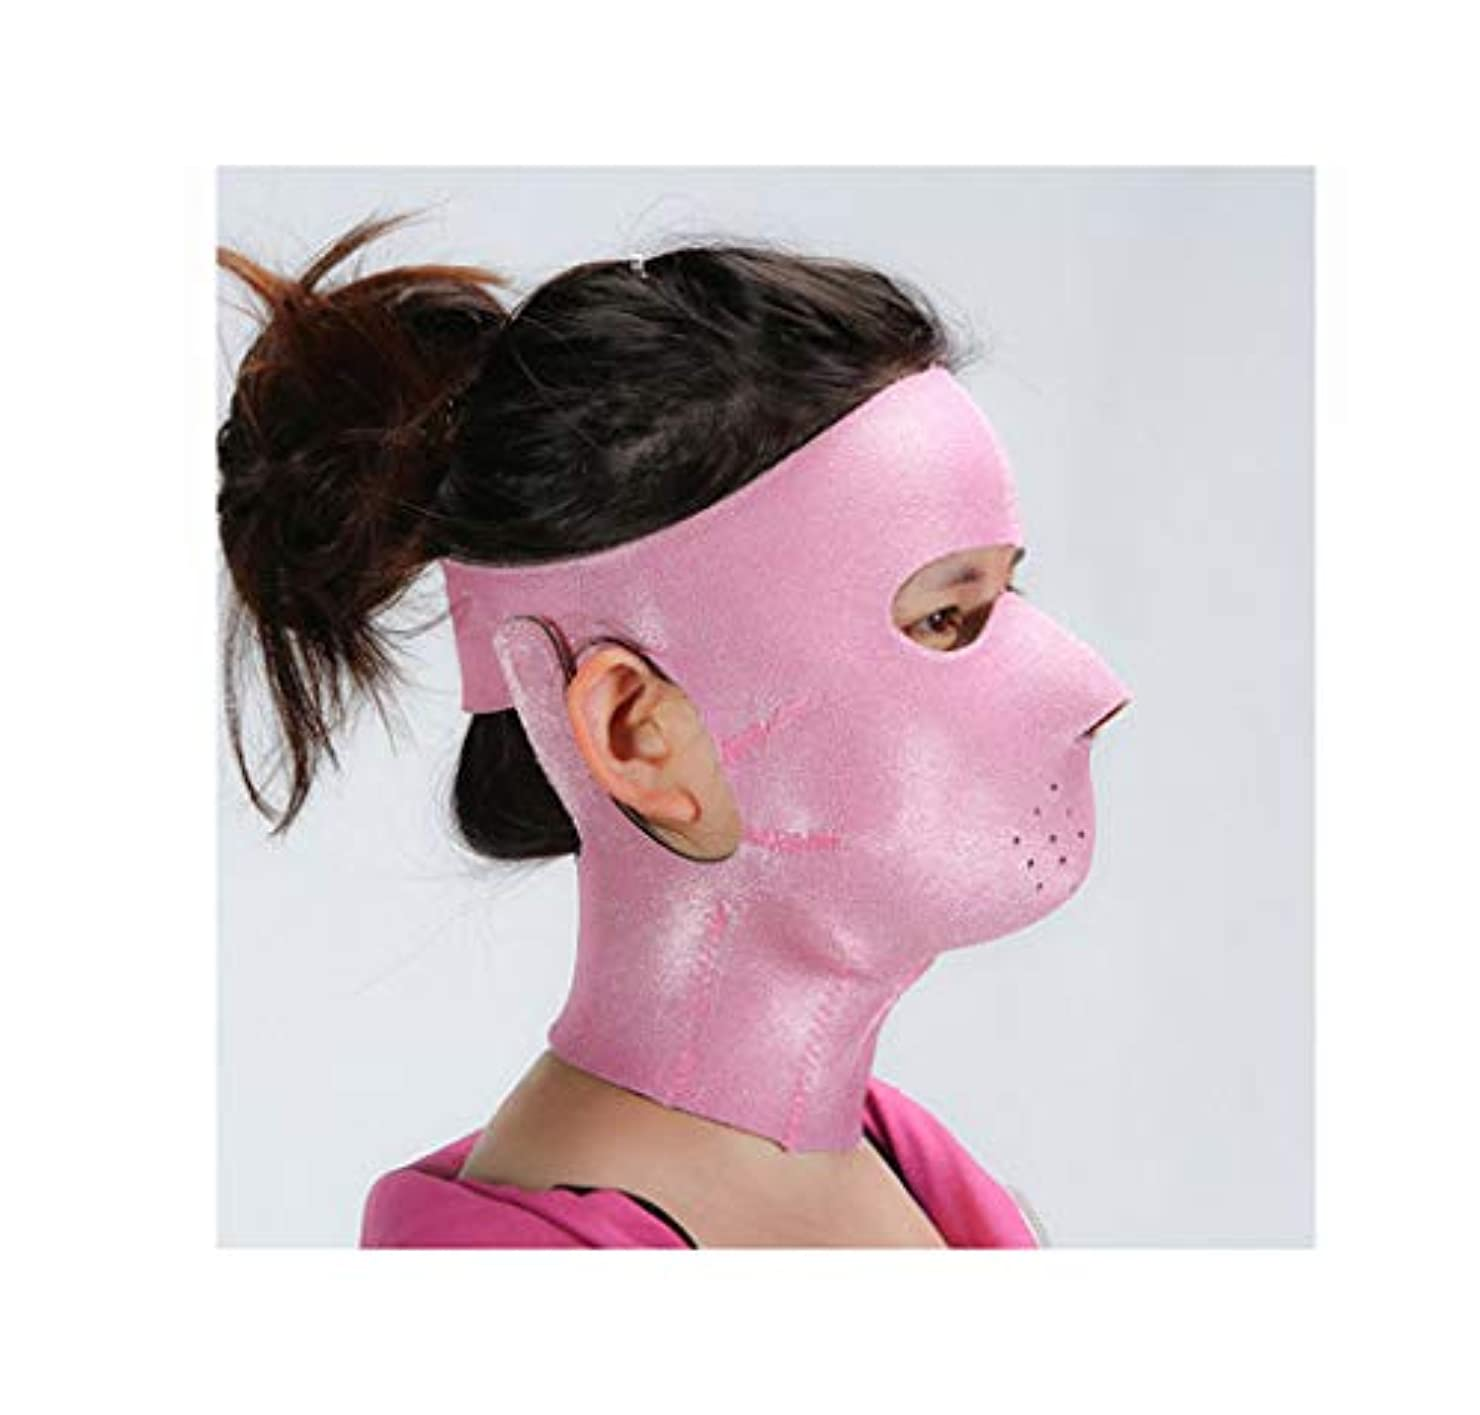 コンプリートゲートウェイ崇拝するTLMY 薄い顔マスクマスクプラス薄いマスク引き締めアンチエイジング薄いマスク顔の薄い顔マスクアーティファクト美容ネックバンド 顔用整形マスク